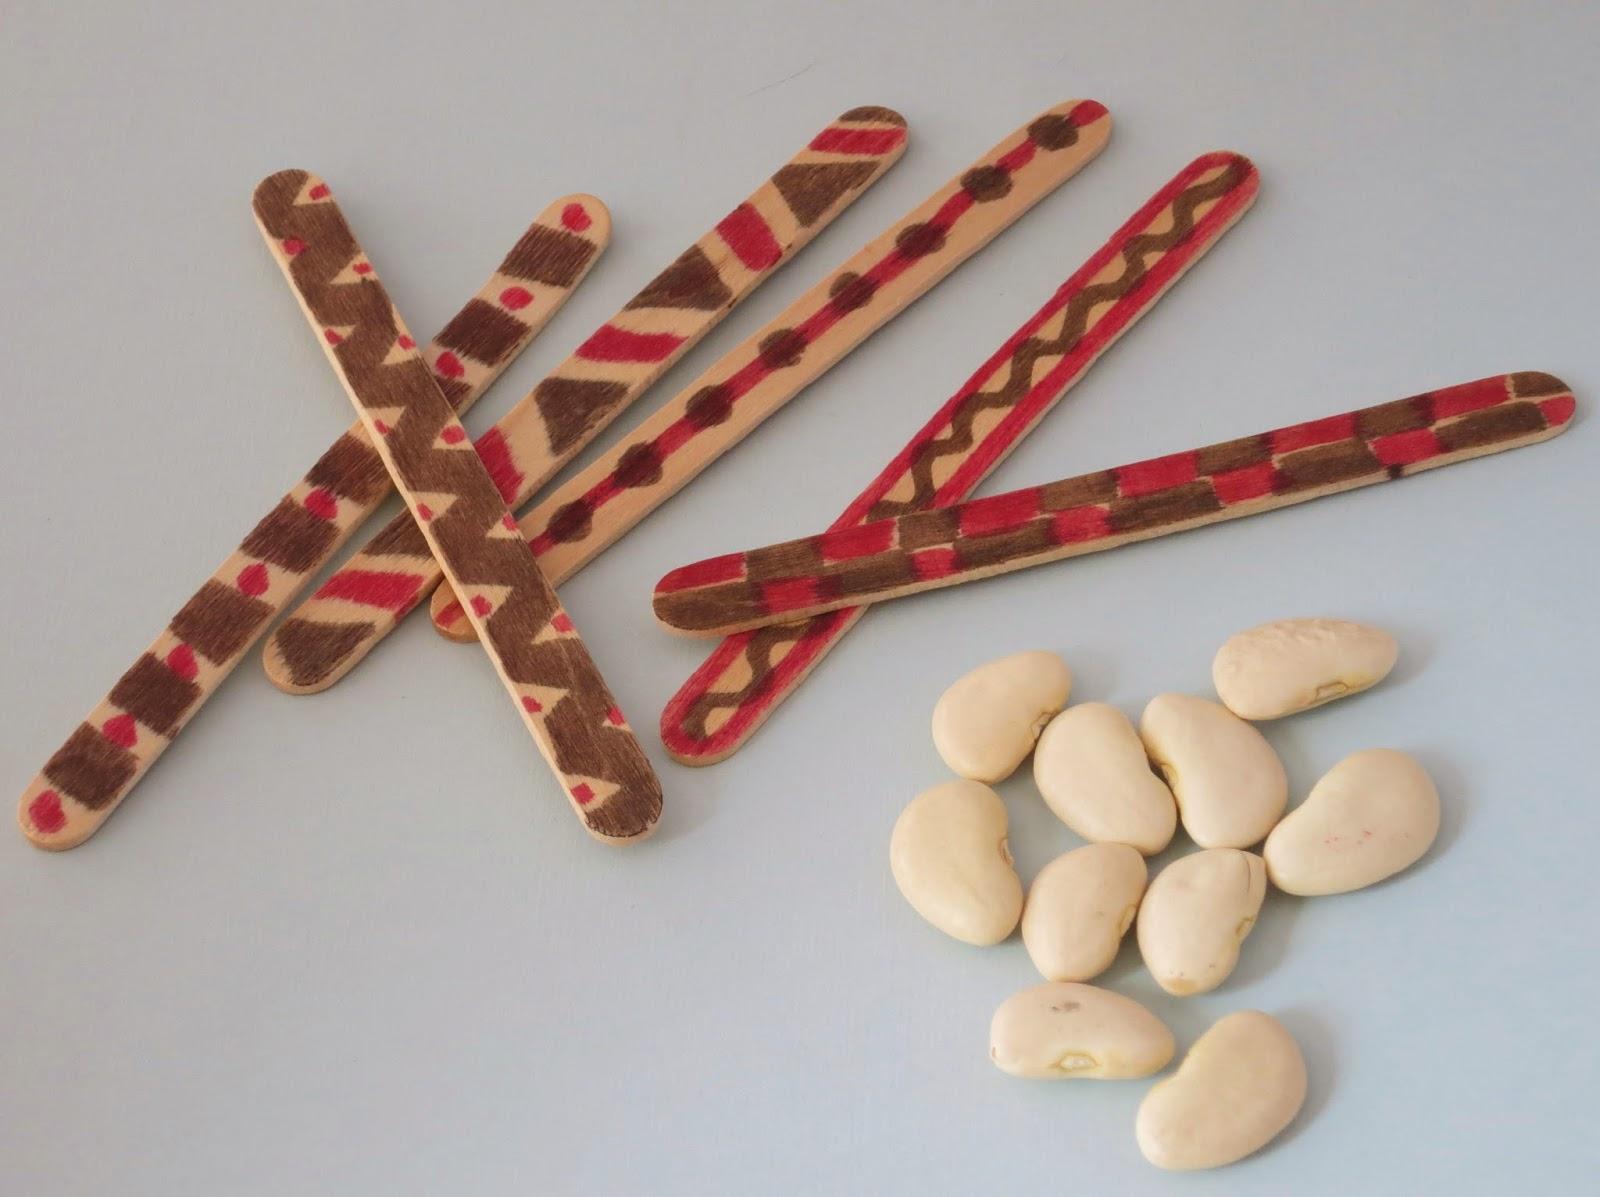 Native American Stick Game